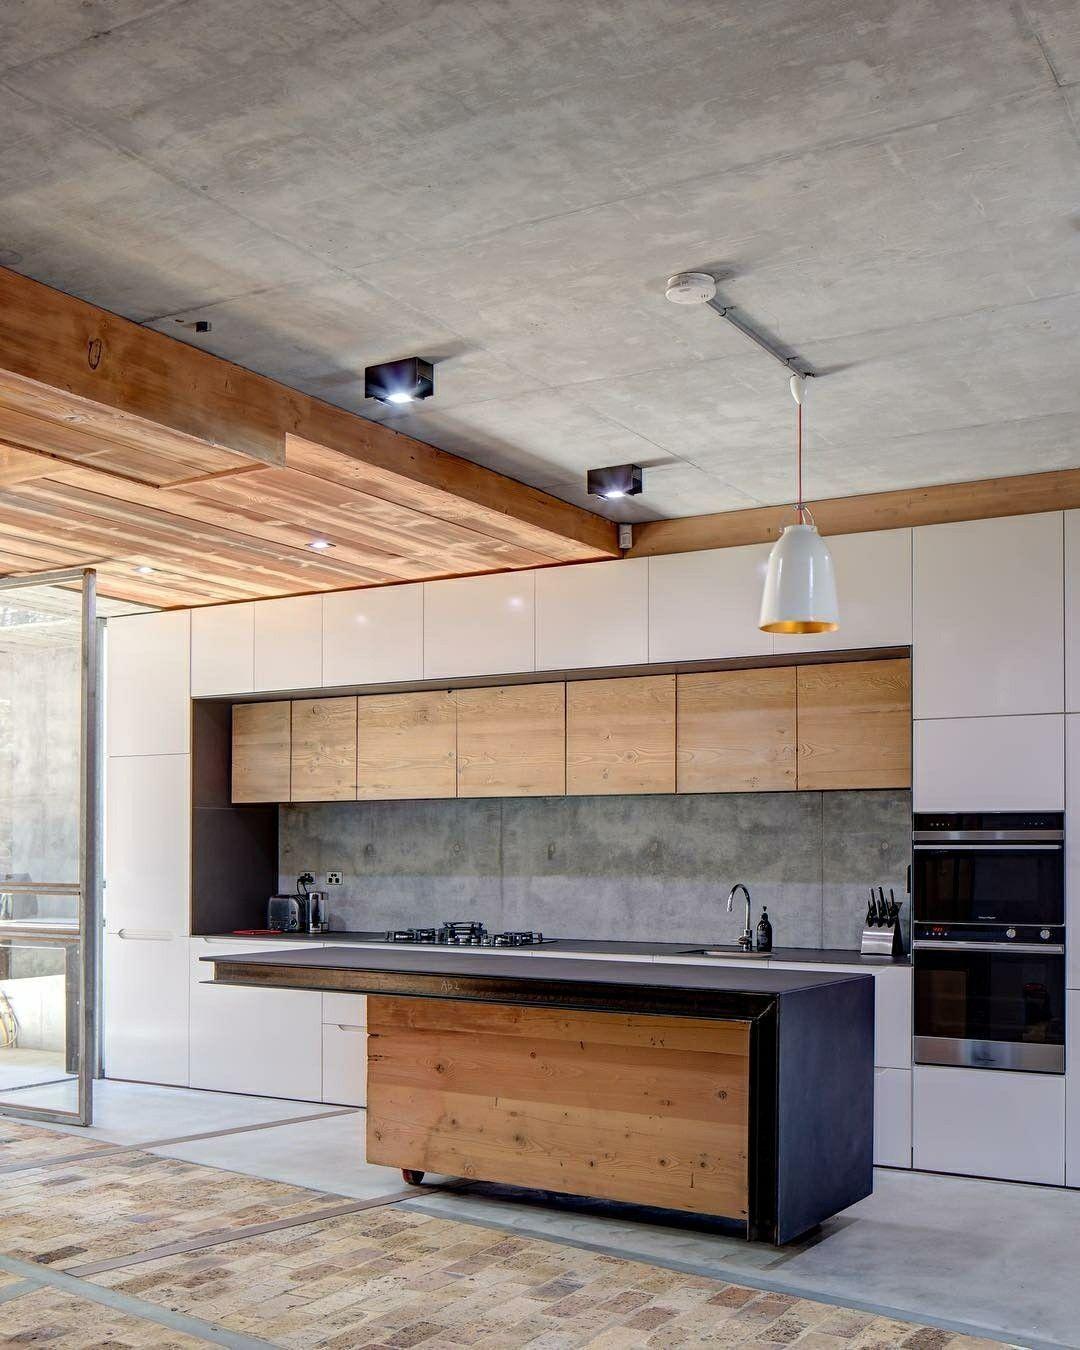 Kitchen design in concrete and wood | kitchen | Pinterest | Küche ...